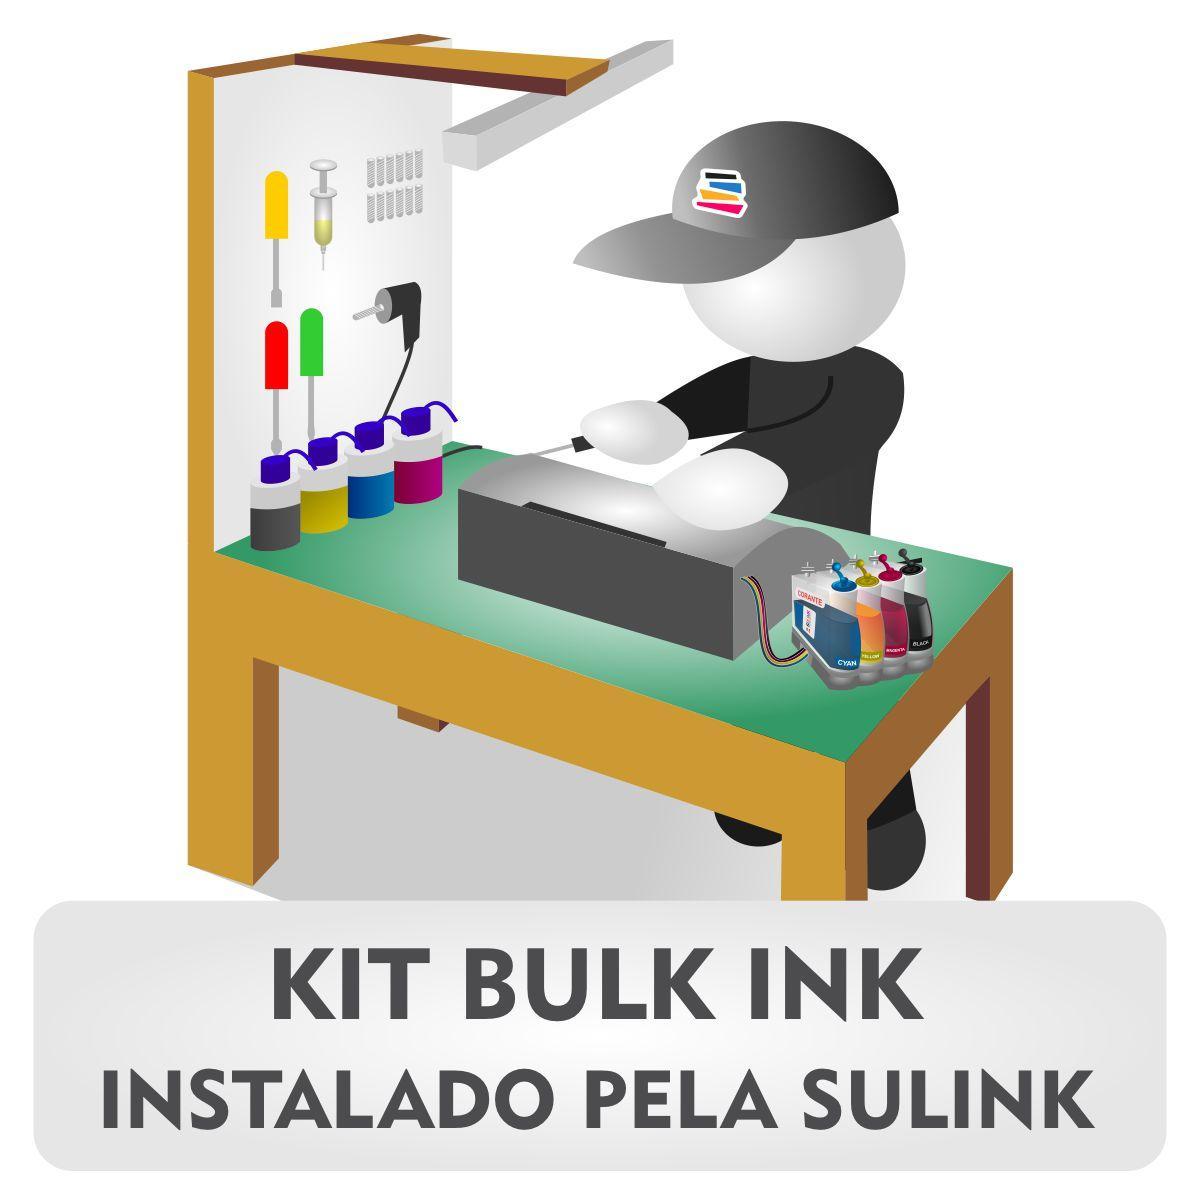 """INSTALADO - Bulk Ink para HP DesignJet T520 e T530 (36"""") - 4 Cores Corante   Instalado pela Sulink (Sem Cartucho - Utilizar Original HP do Cliente)"""